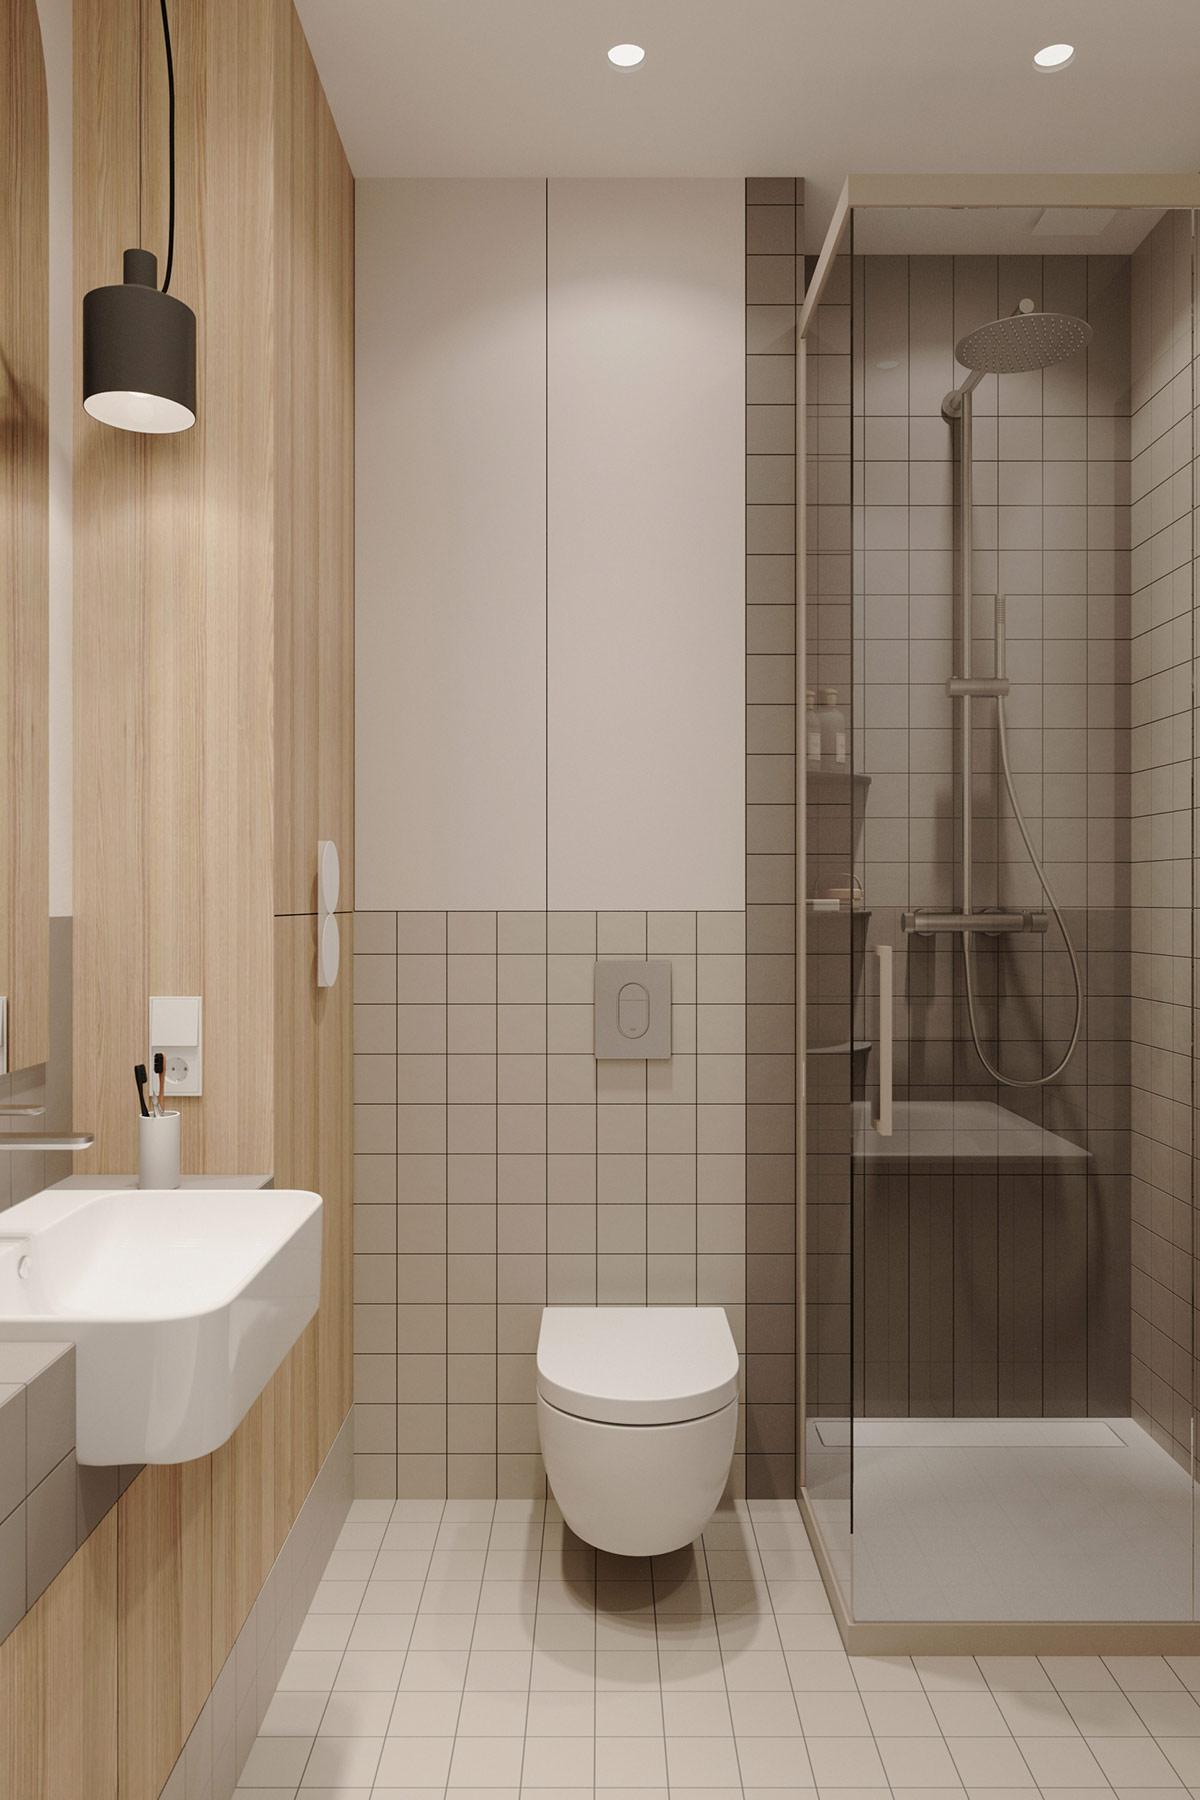 Tư vấn thiết kế căn hộ 69m² với tổng chi phí dưới 170 triệu với phong cách tối giản - Ảnh 11.